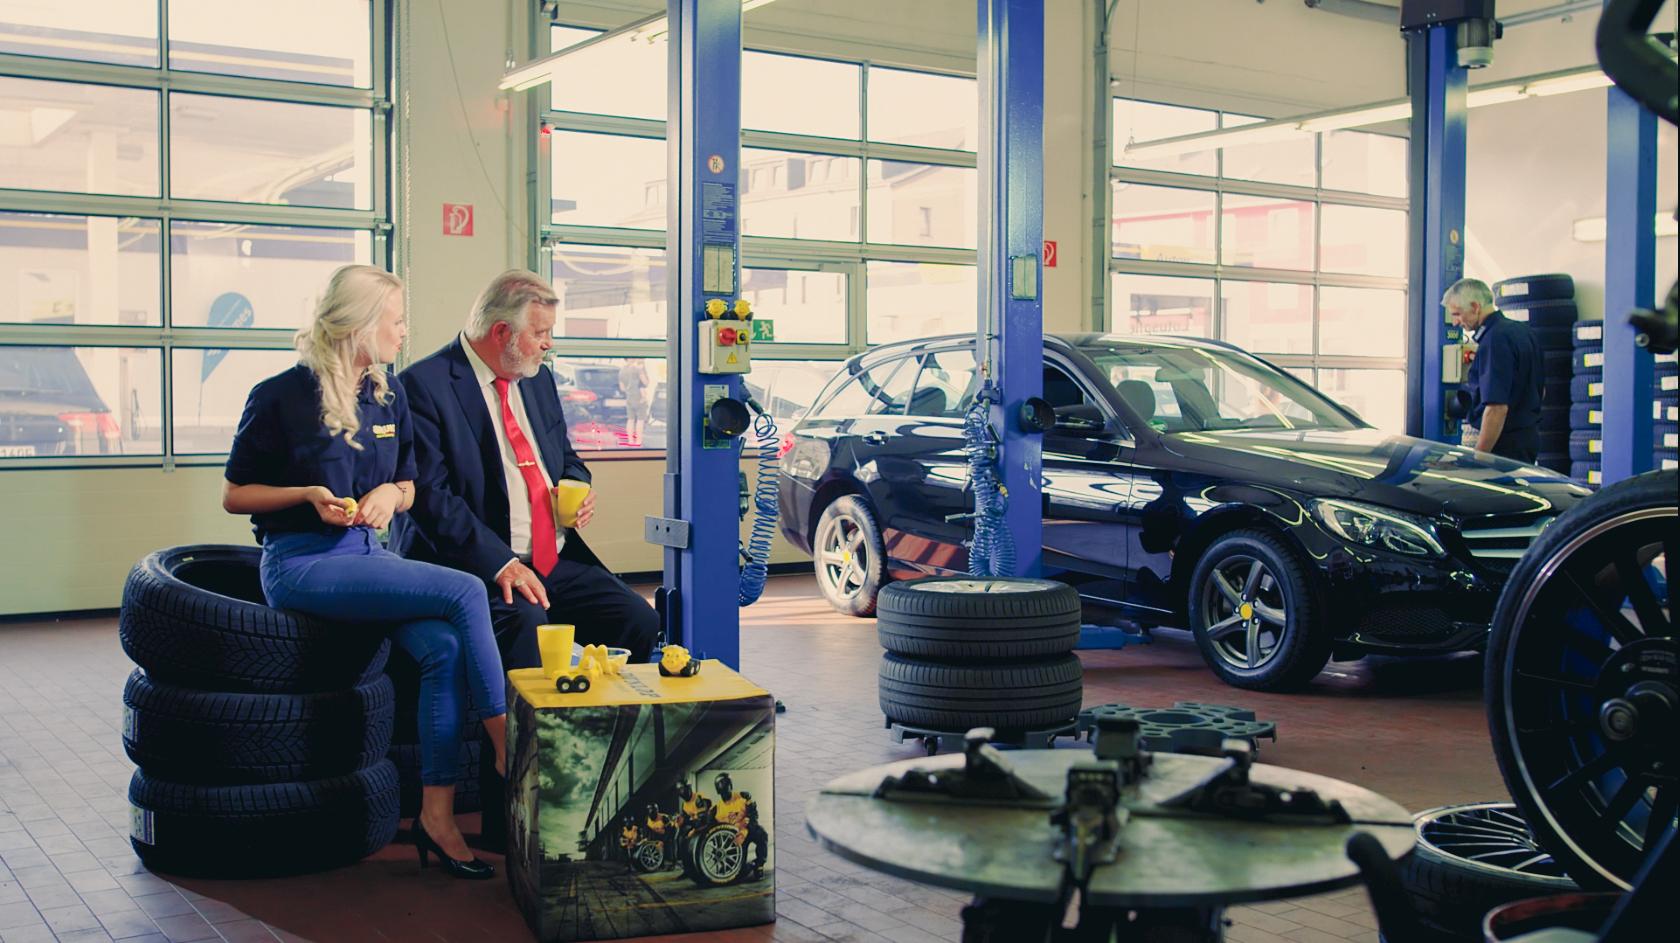 Szene aus Werbevideo mit Harry Wijnvoord